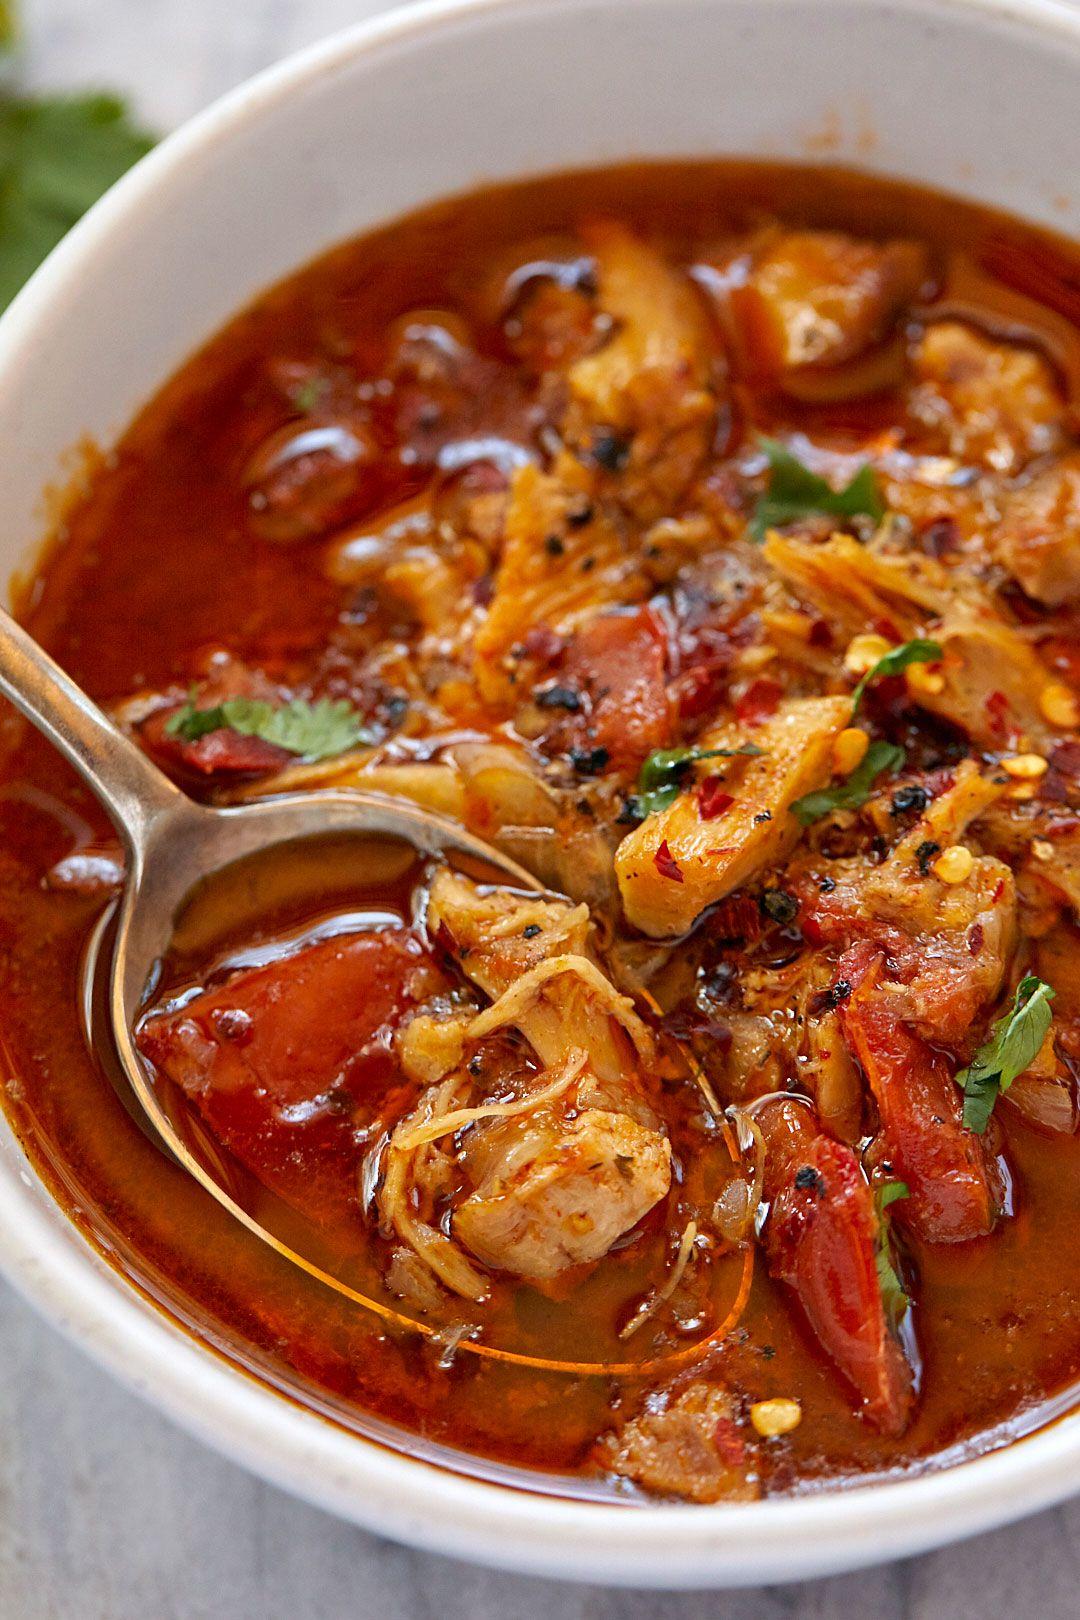 Instant Pot Chicken Tomato Soup Chicken Tomato Soup Chicken Soup Recipes Tomato Soup Recipes